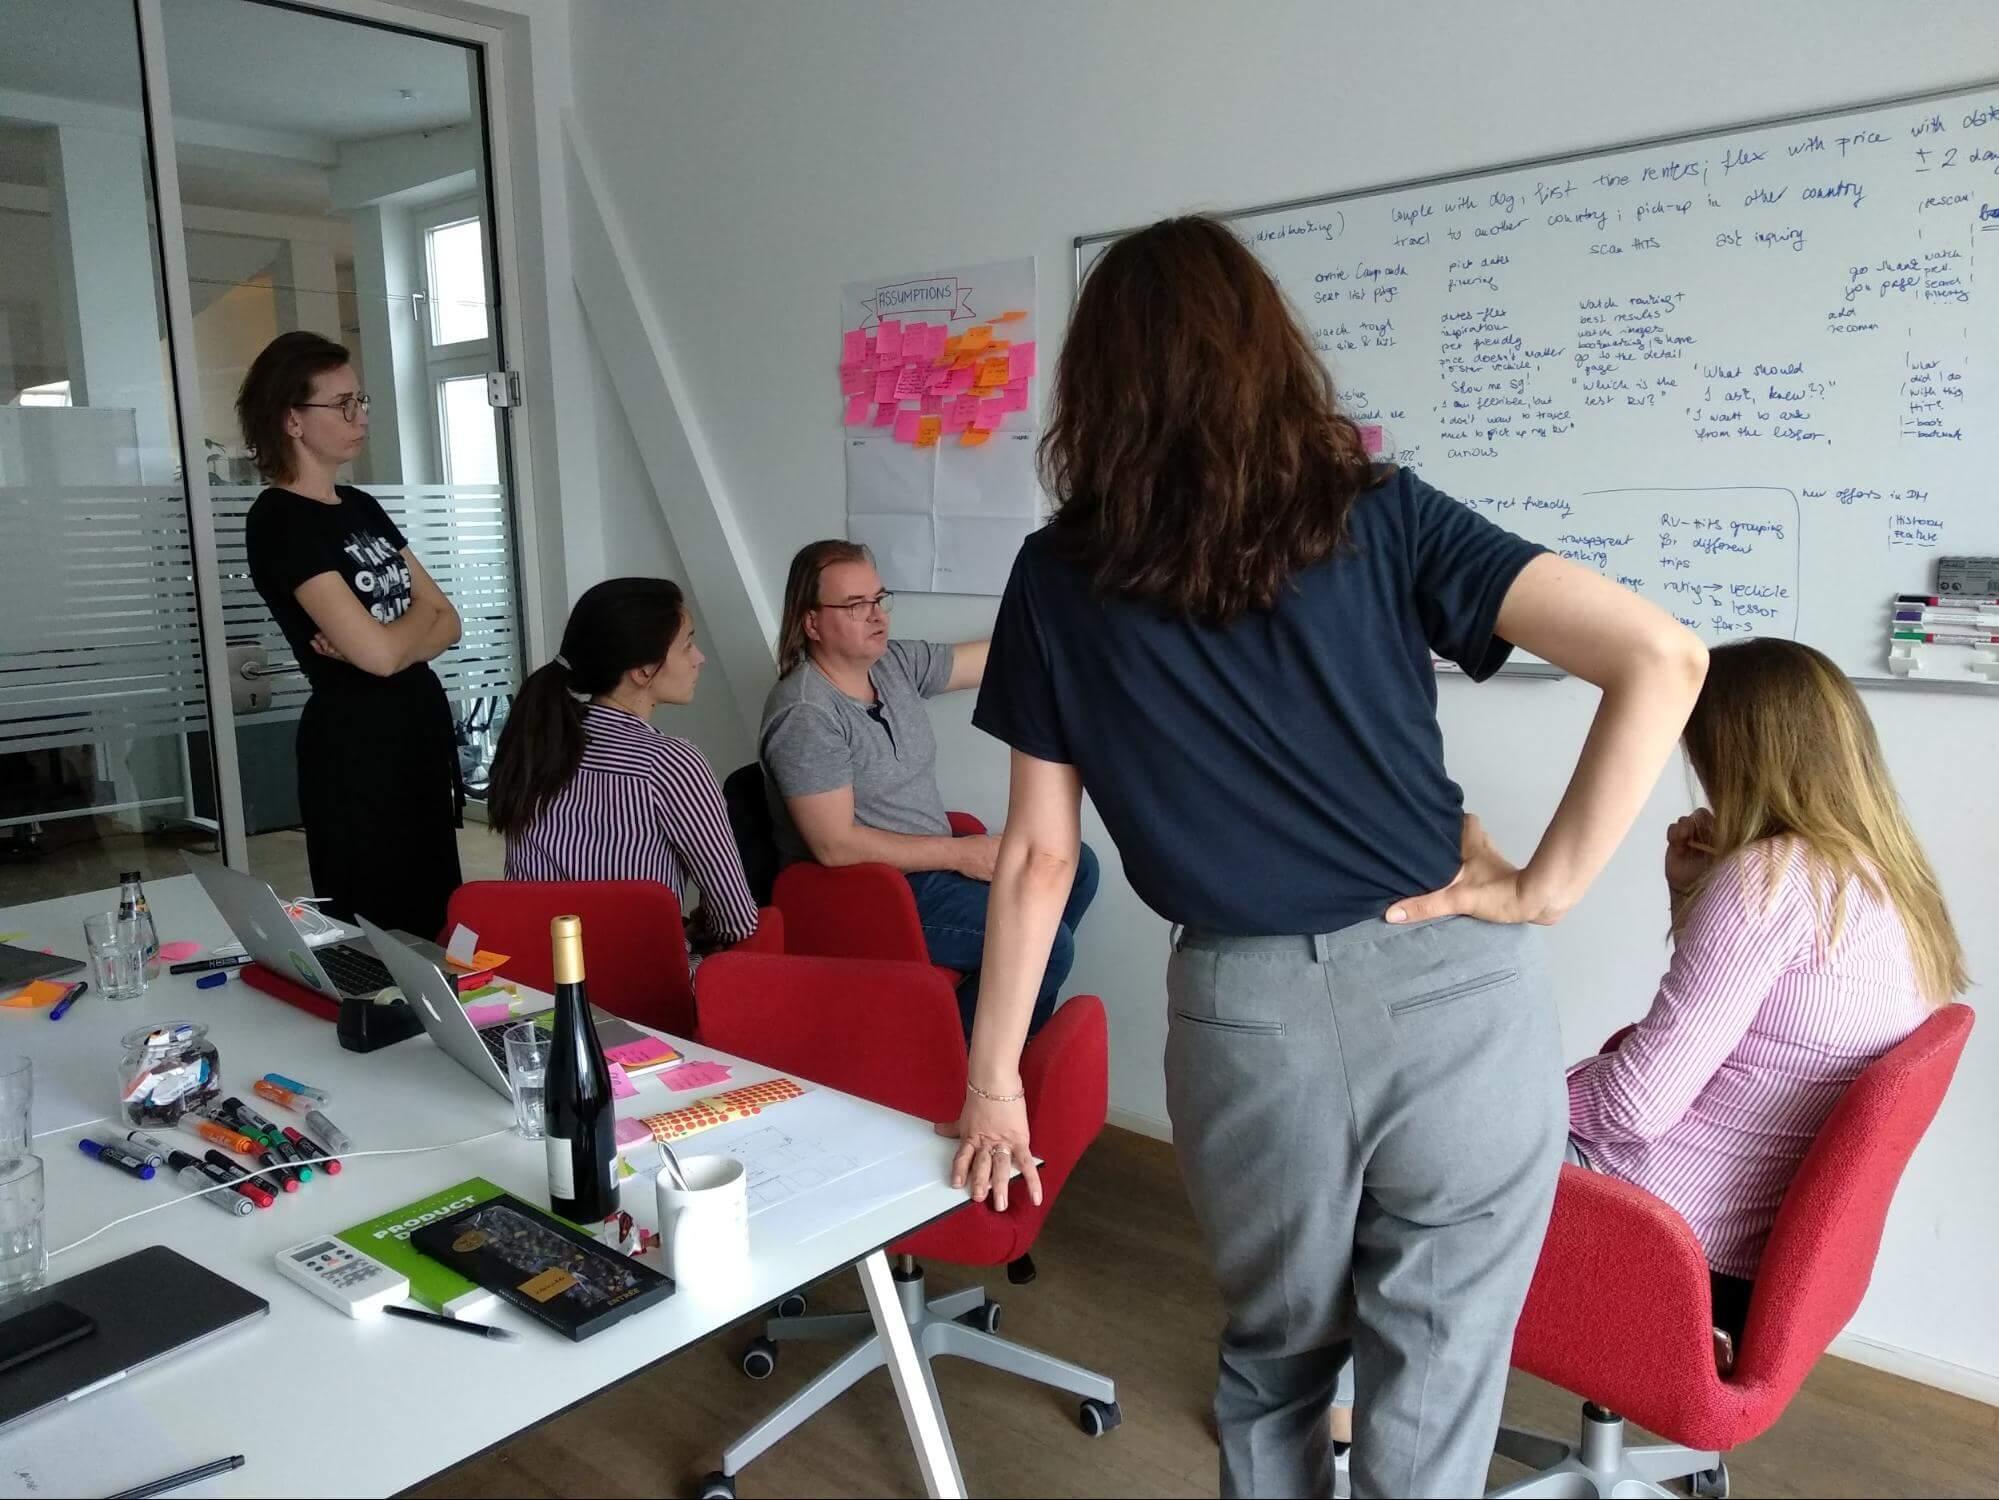 UX case study - campanda ux team